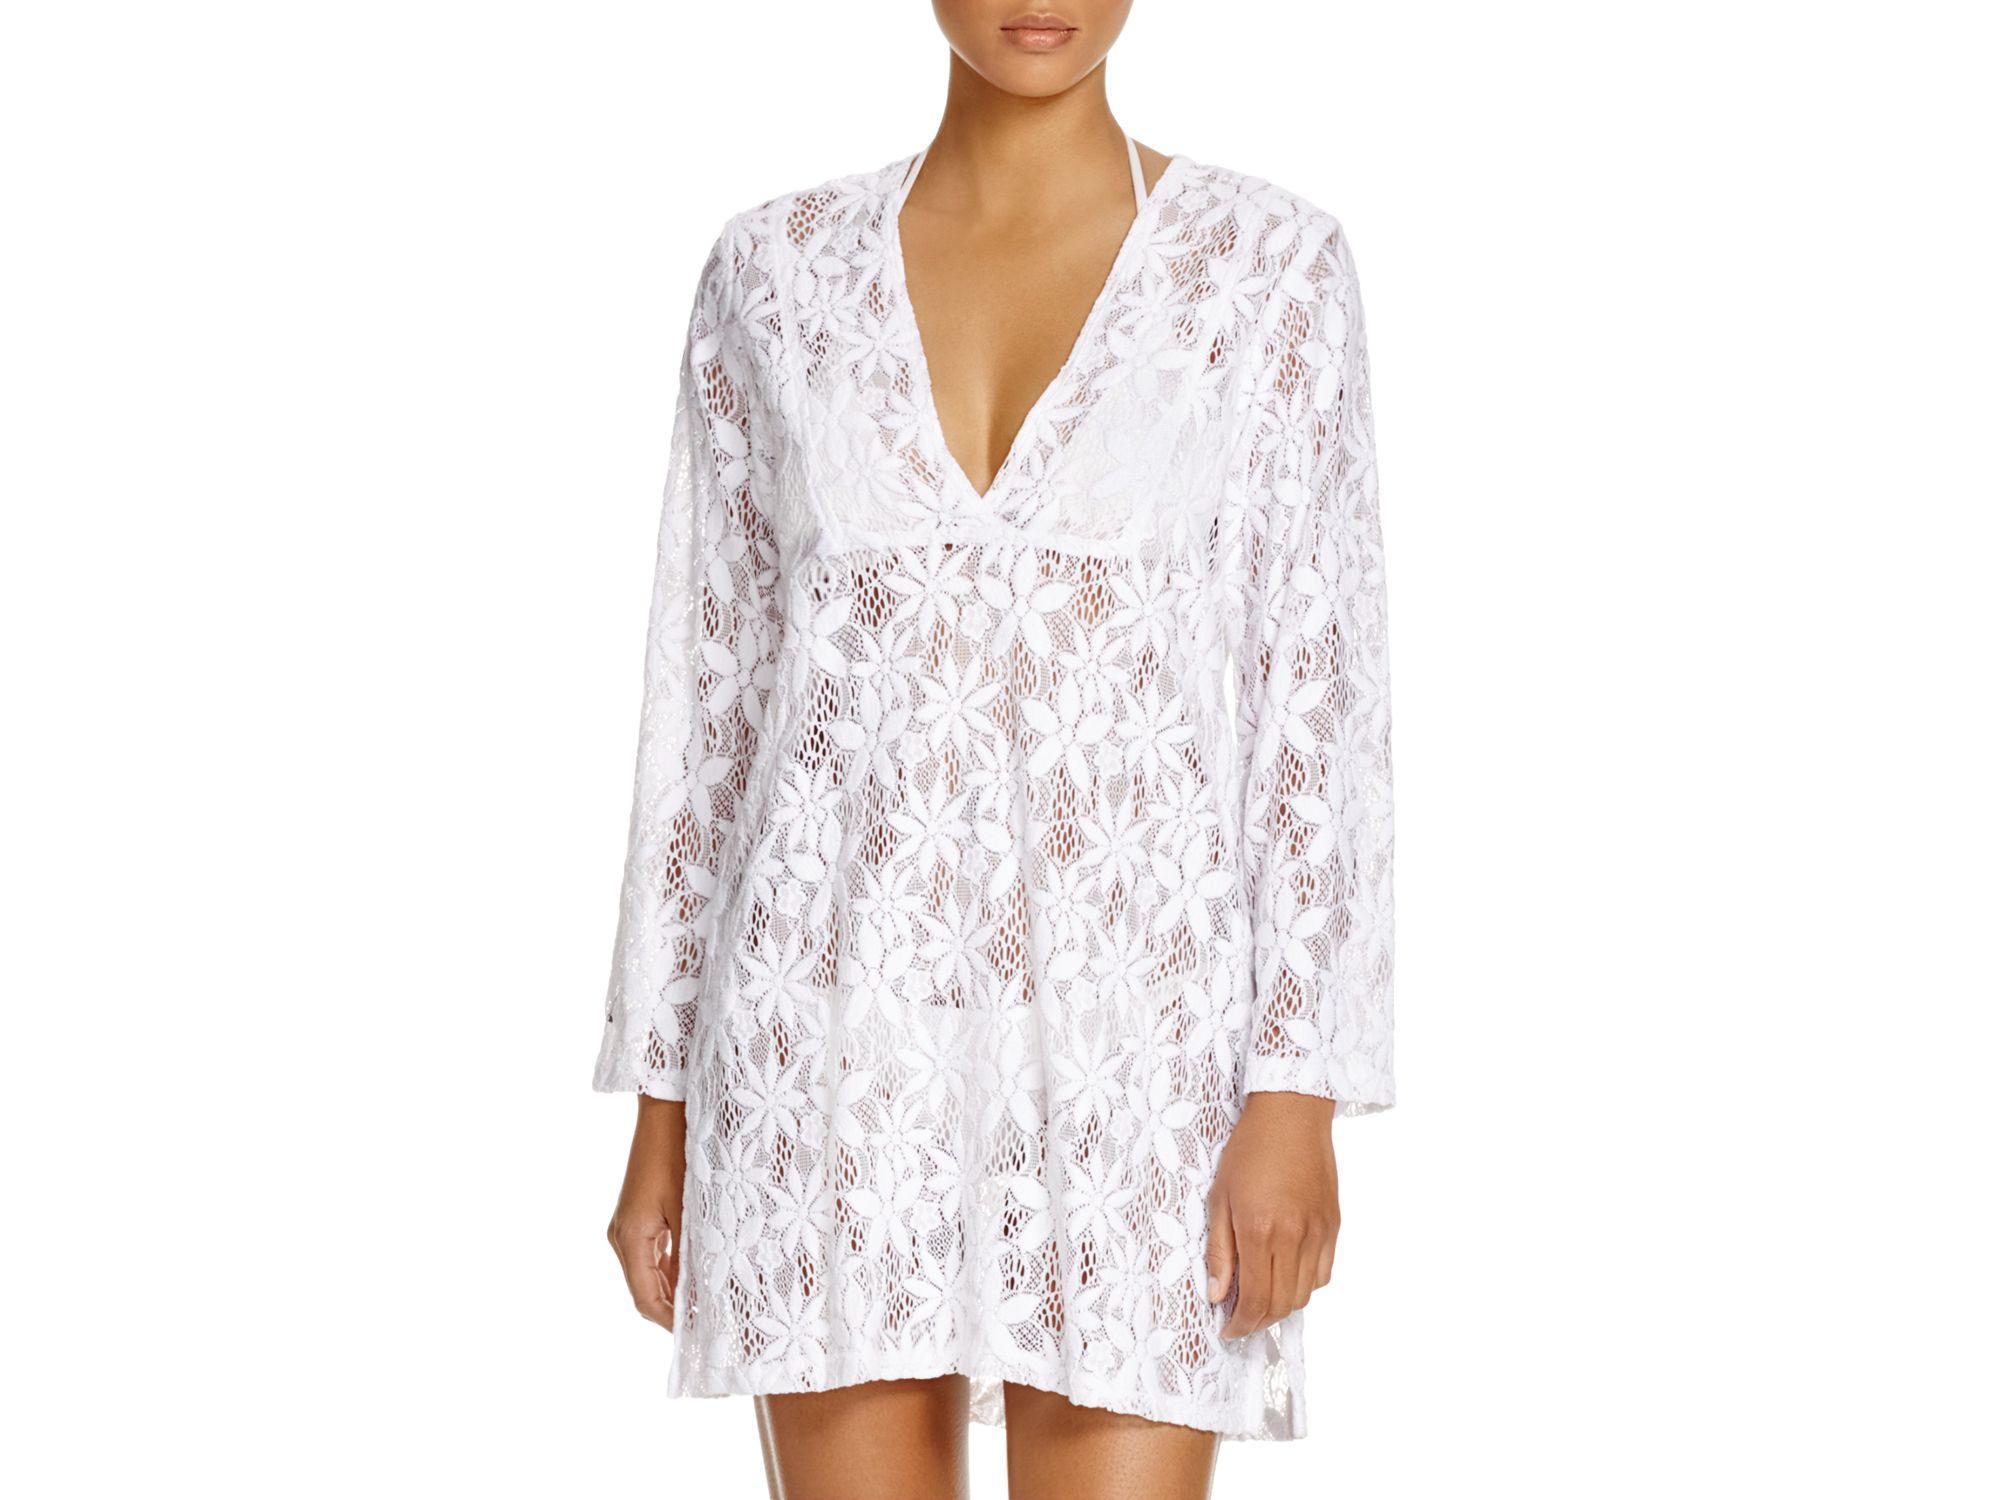 a71942f1f4ba1 Lyst - J Valdi Daisy Lace Tunic Swim Cover Up in White